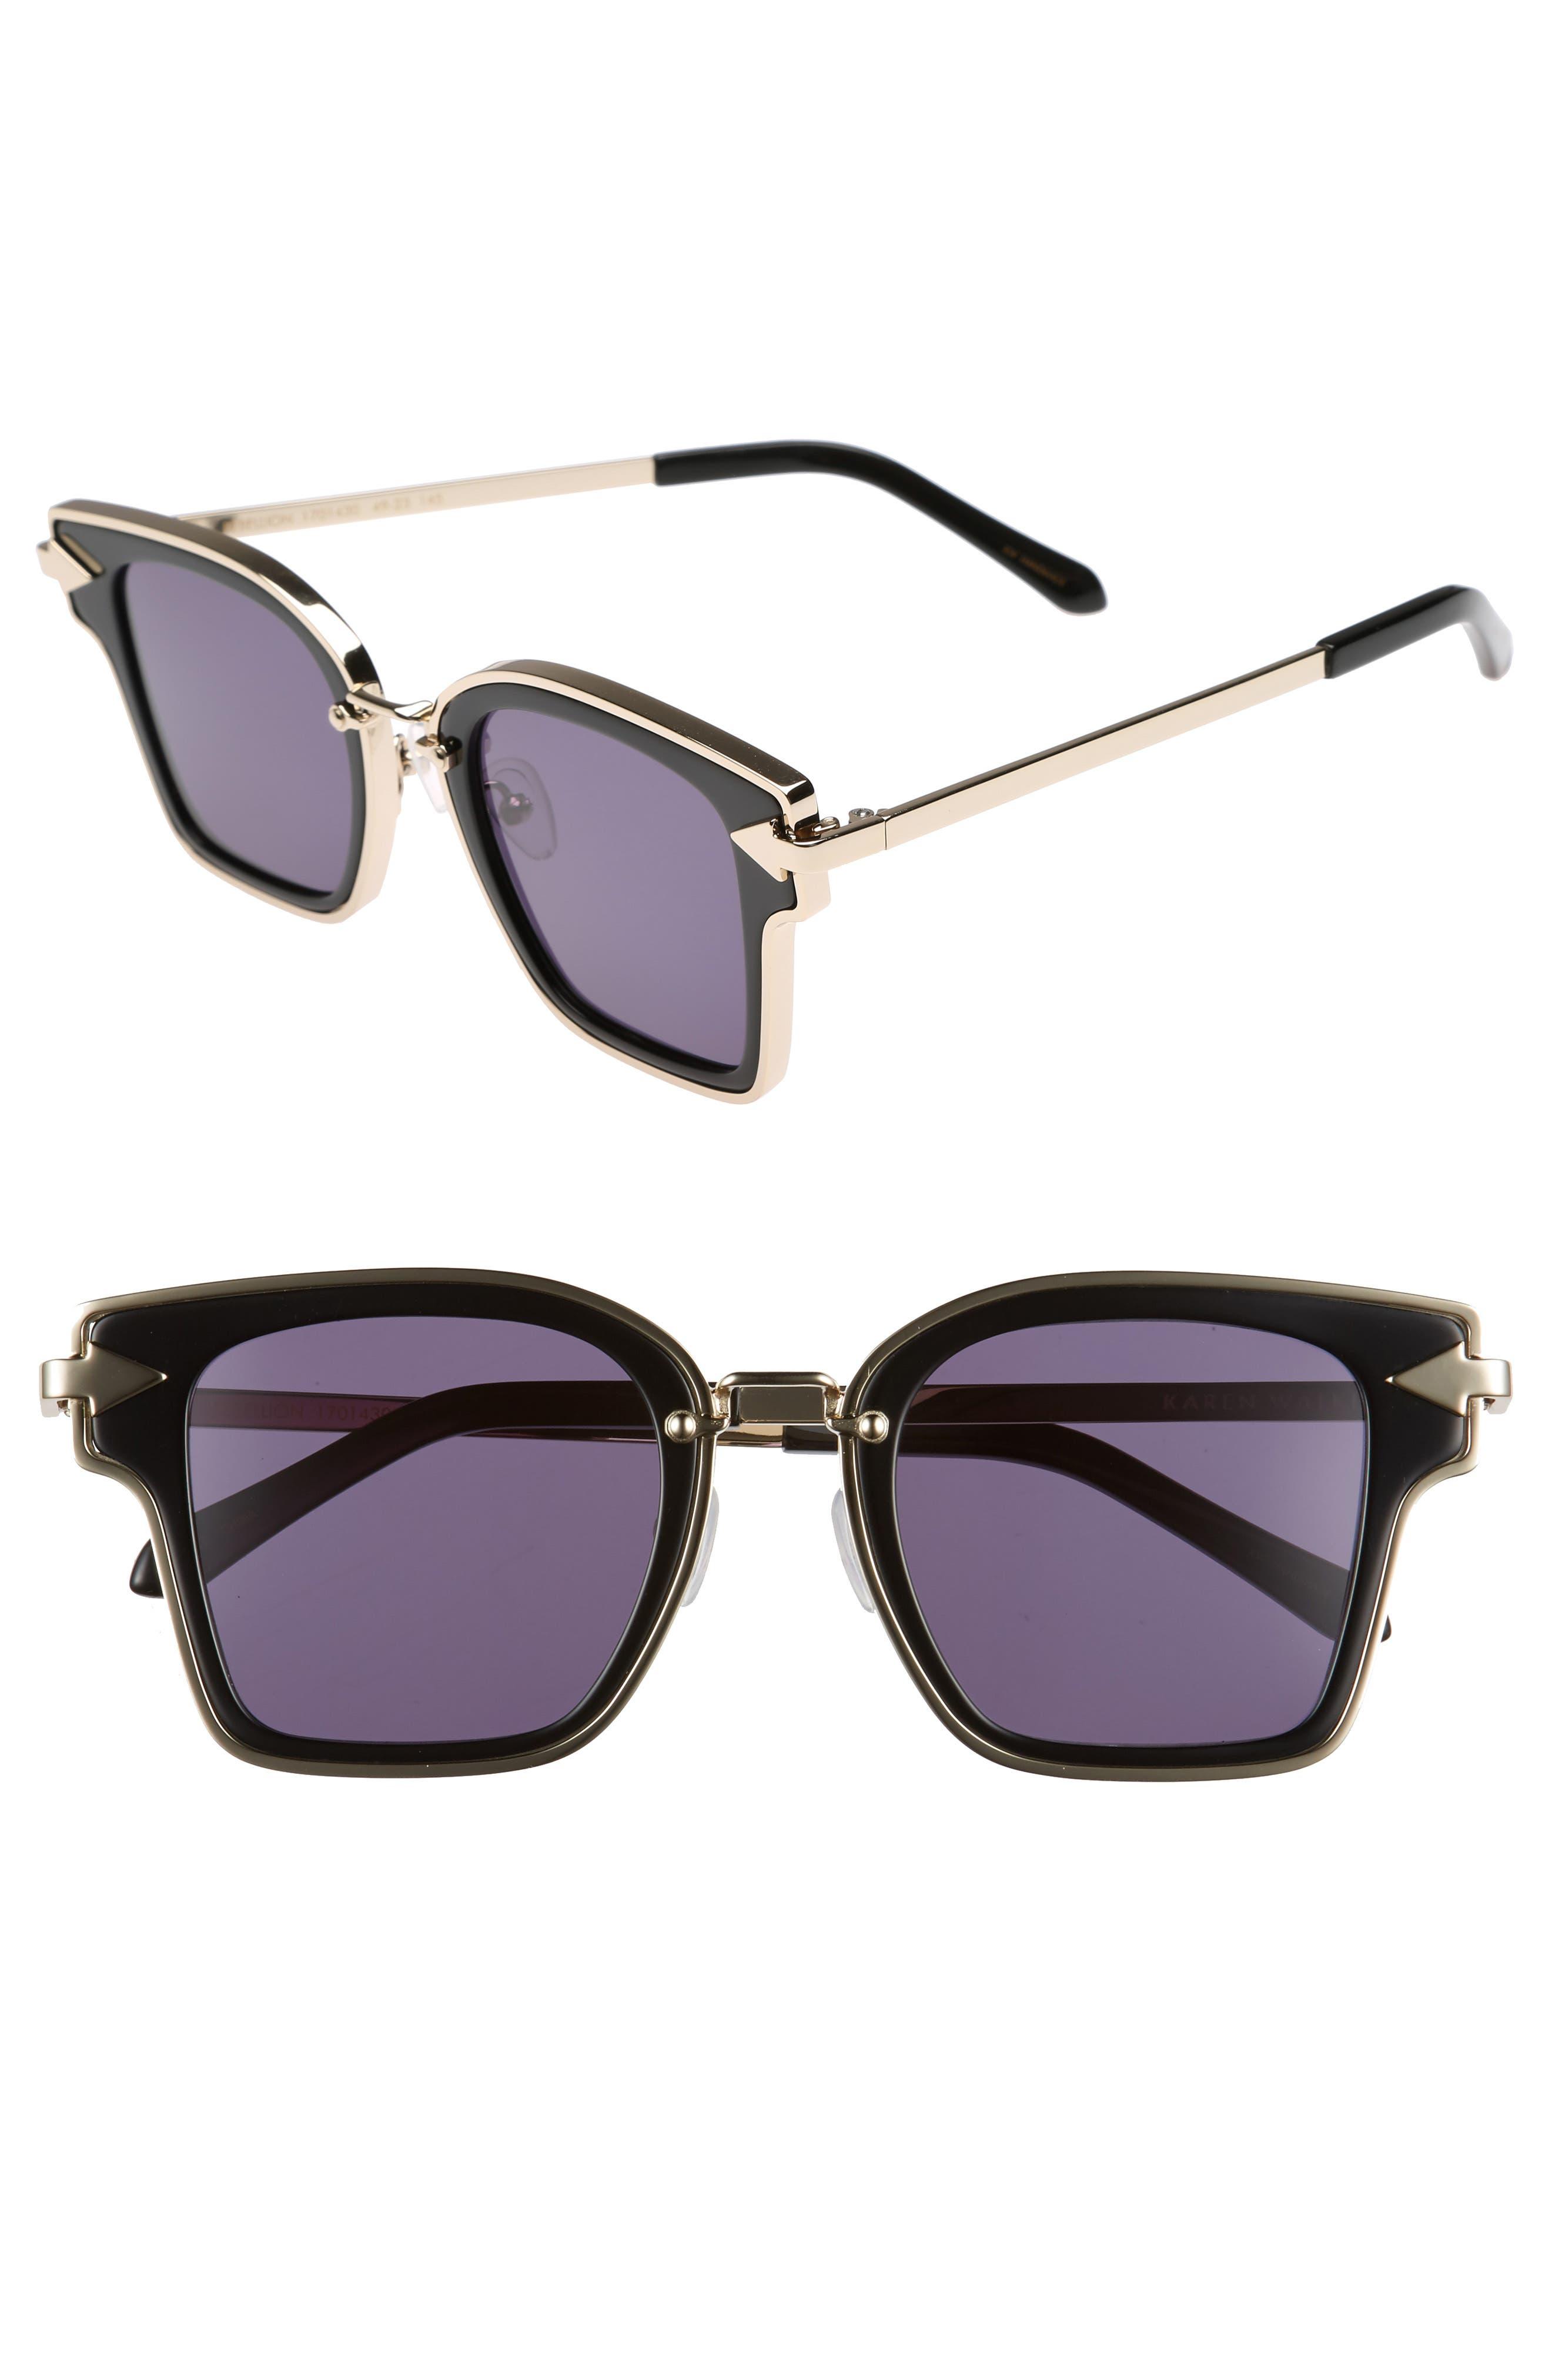 Rebellion 49mm Sunglasses,                         Main,                         color, 001